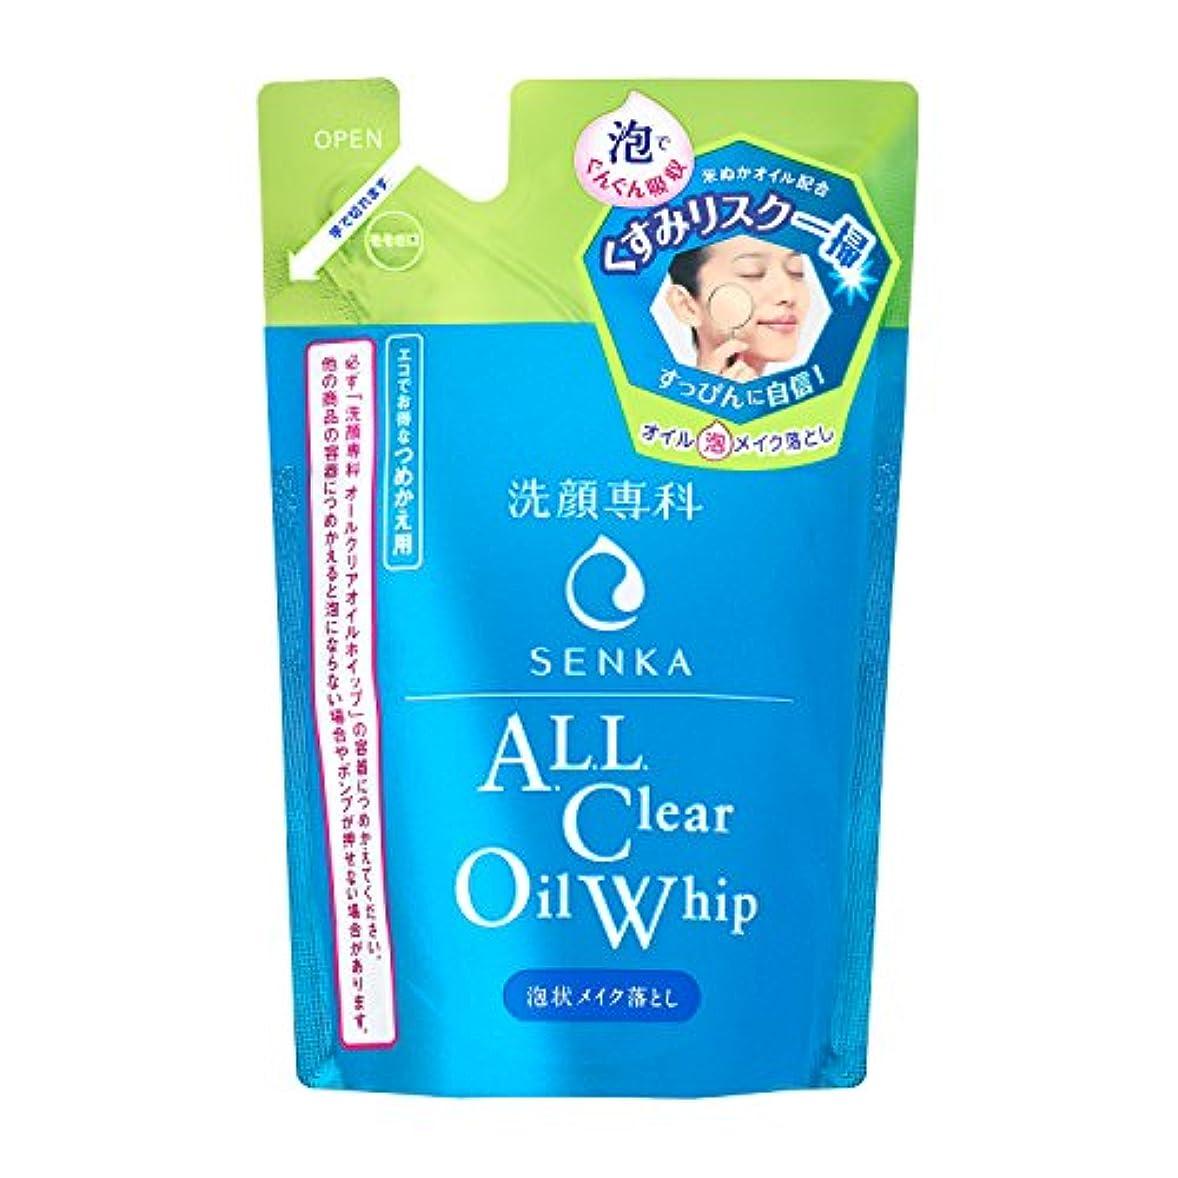 パケットまどろみのある空中洗顔専科 オールクリアオイルホイップ つめかえ用 130mL